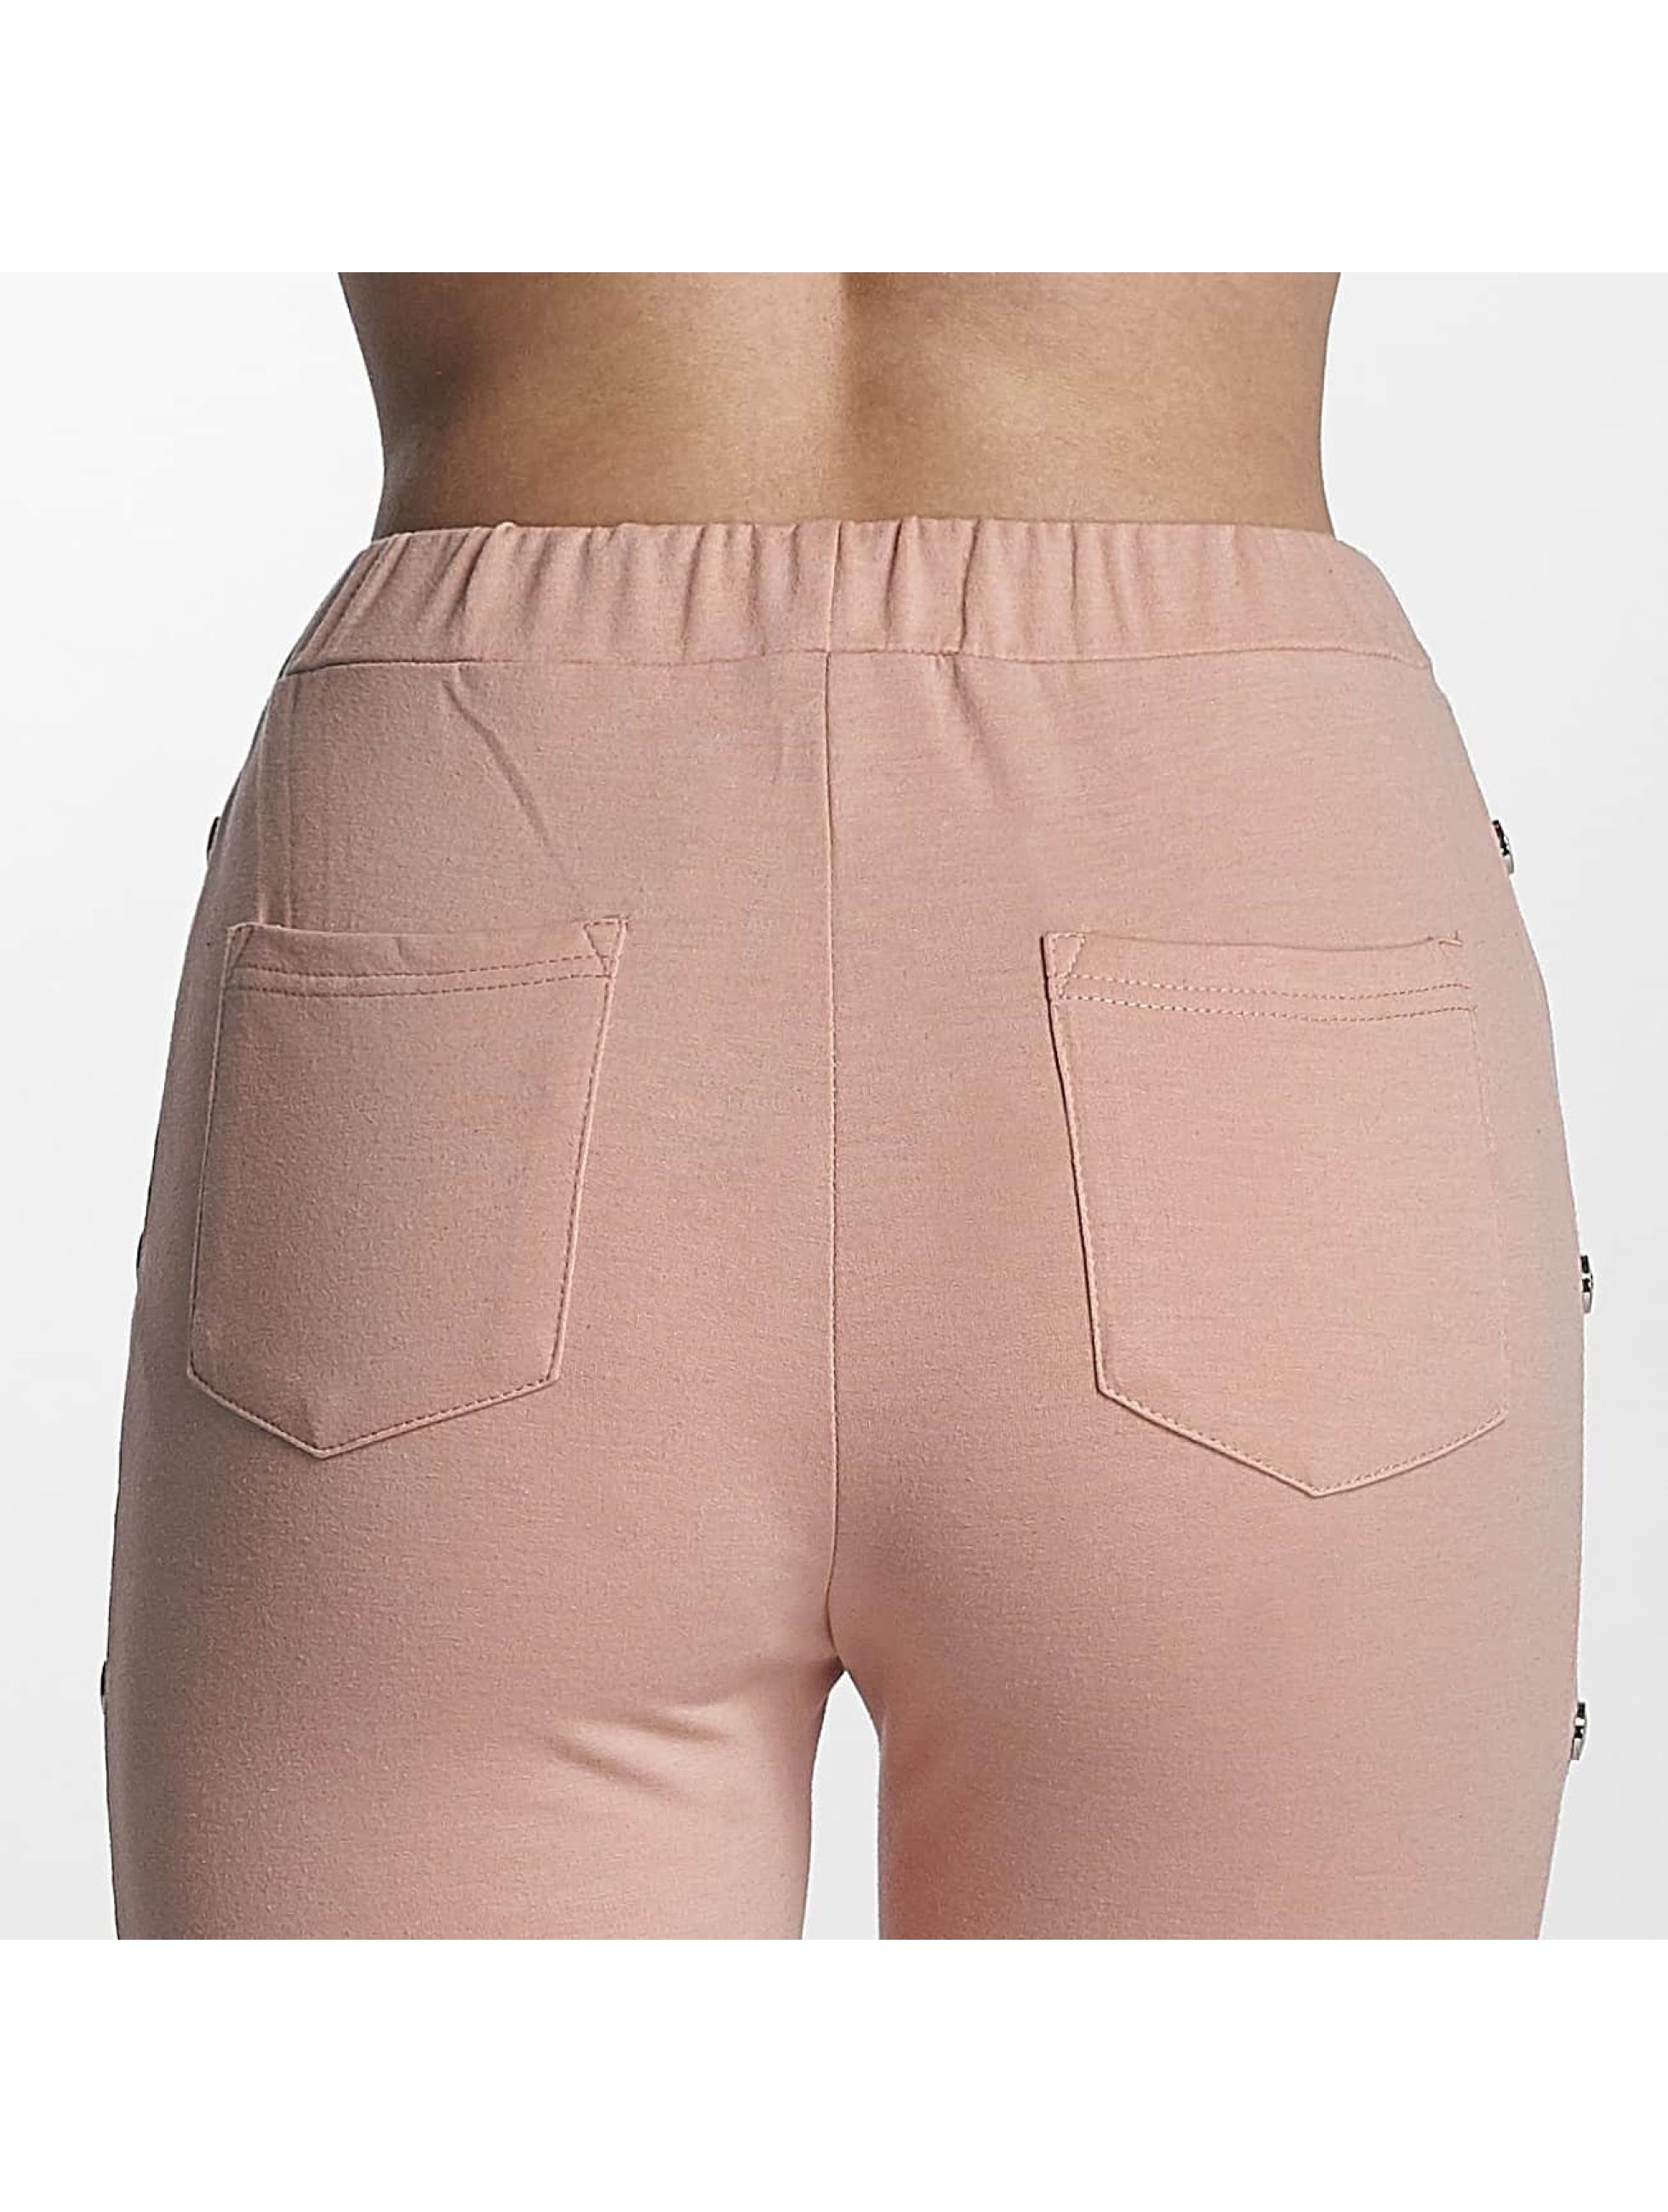 Sixth June Pantalón deportivo Lace rosa